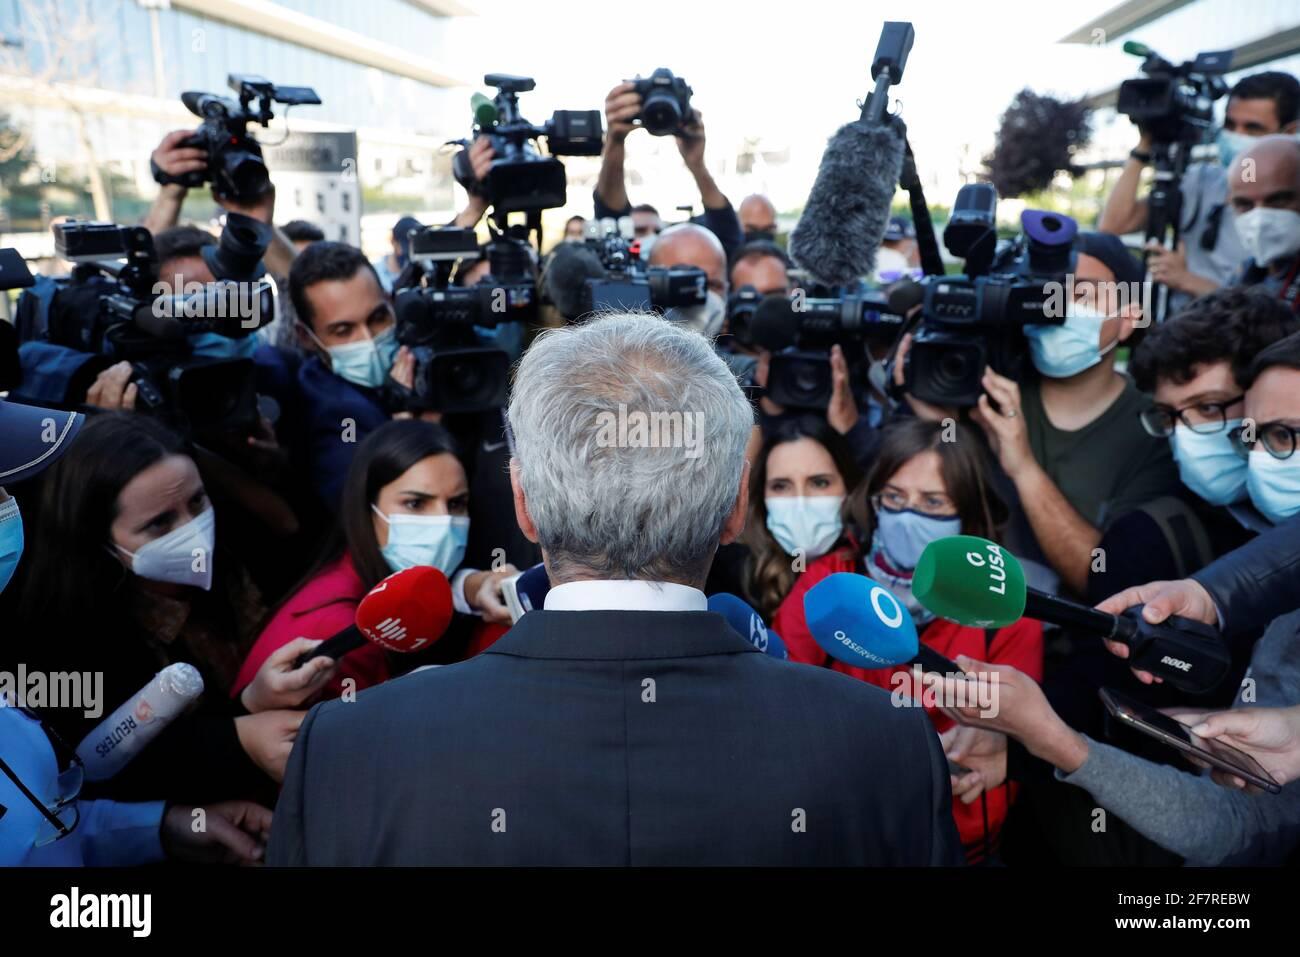 L'ex primo ministro portoghese, José Socrates, parla con i mezzi di comunicazione, mentre lascia il tribunale dopo aver sentito la regola che non si leverà in giudizio sulle accuse di corruzione a Lisbona, Portogallo, il 9 aprile 2021. REUTERS/Pedro Nunes Foto Stock